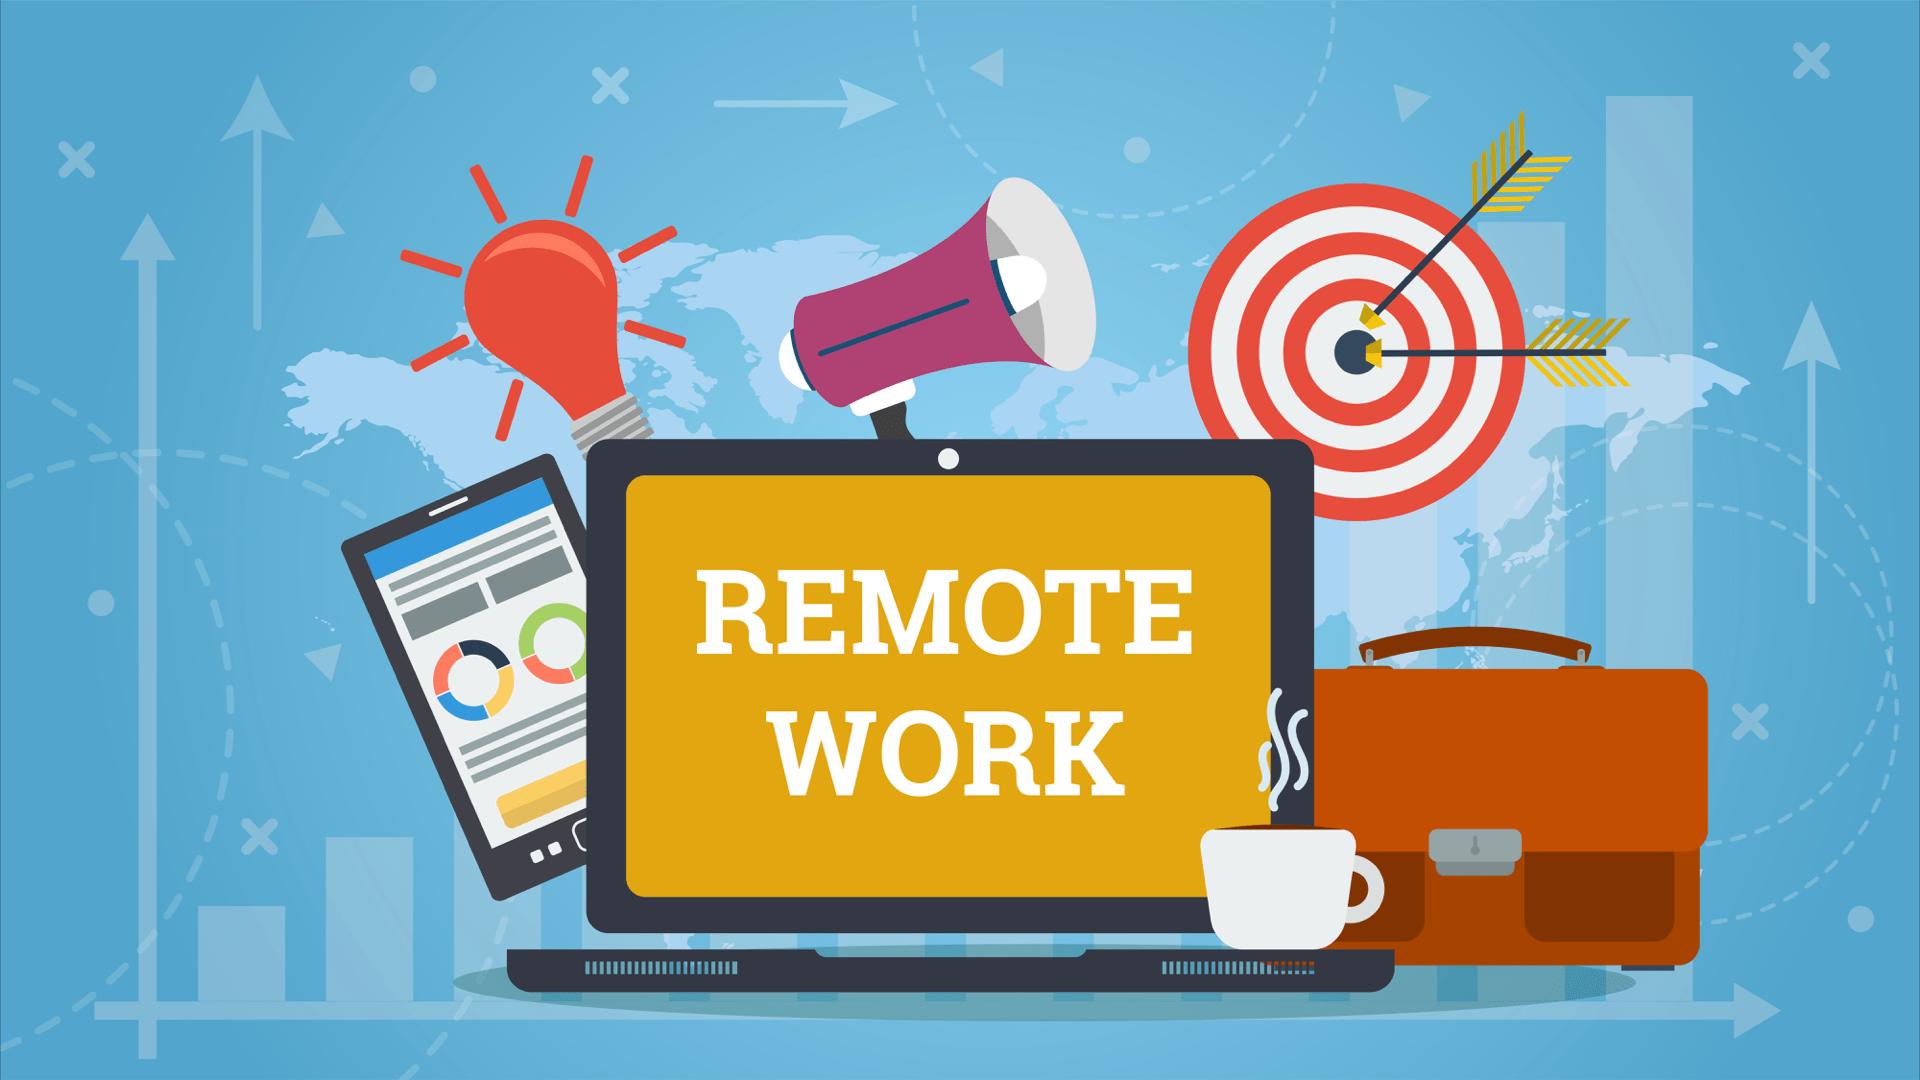 Remote work